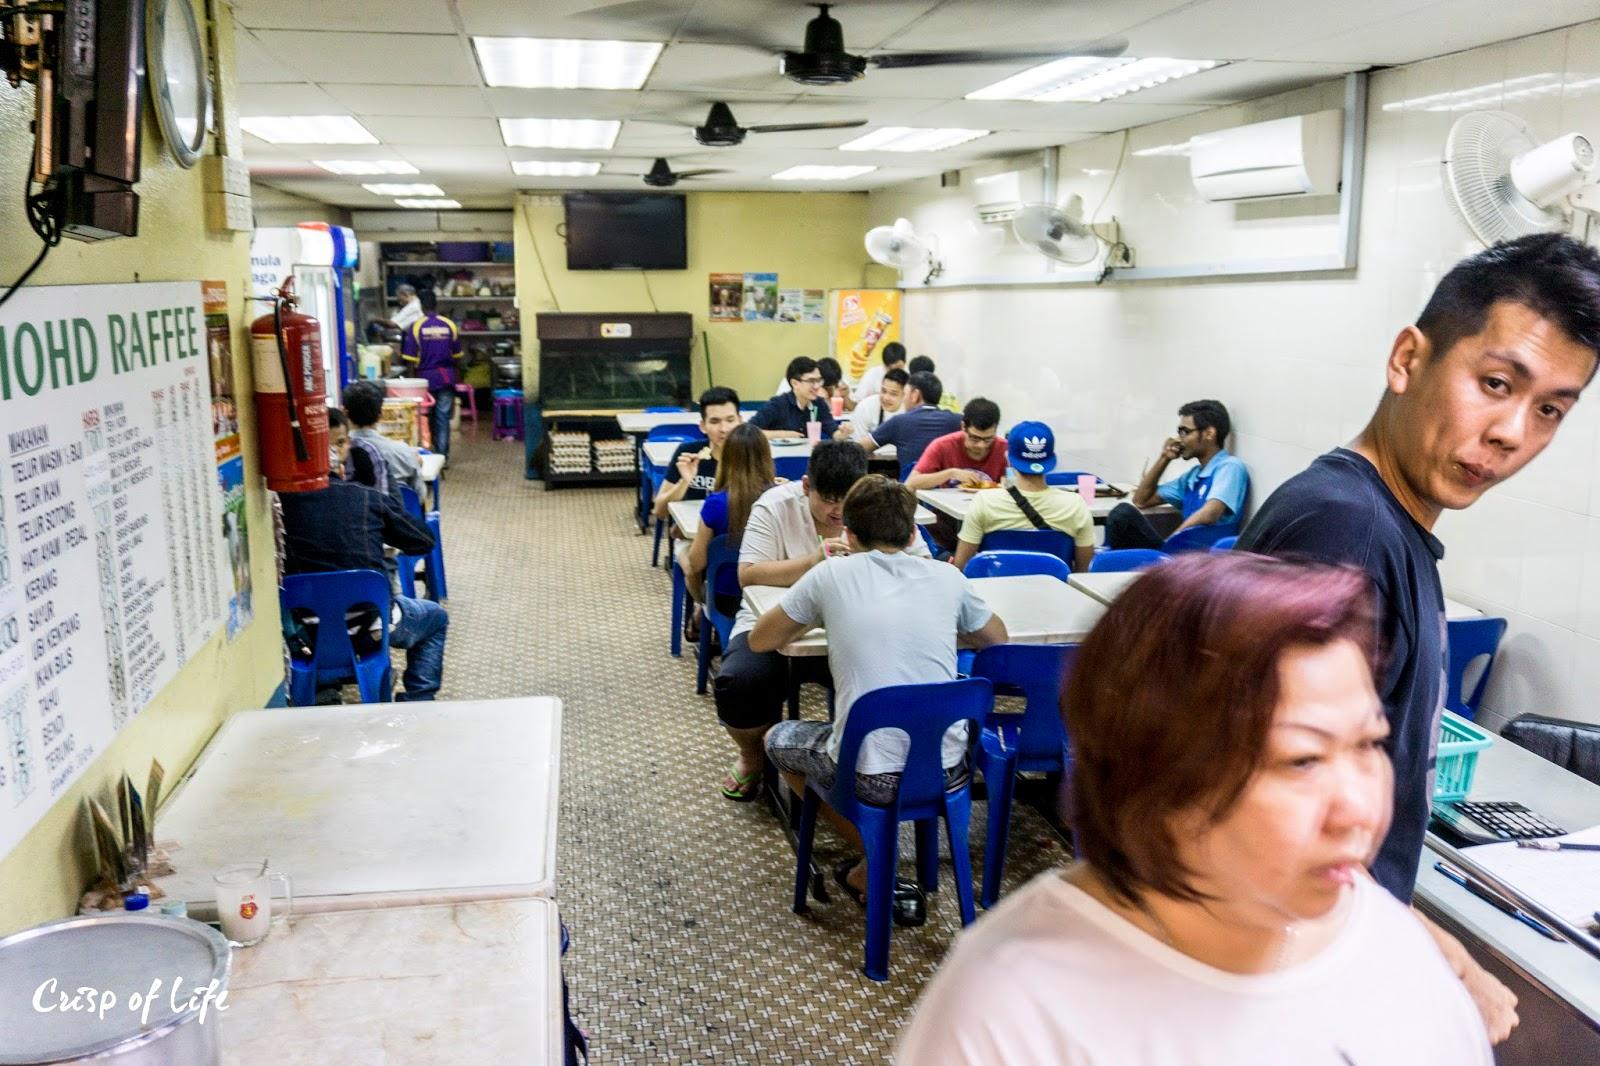 Mohamed Raffee Restaurant, Pulau Tikus